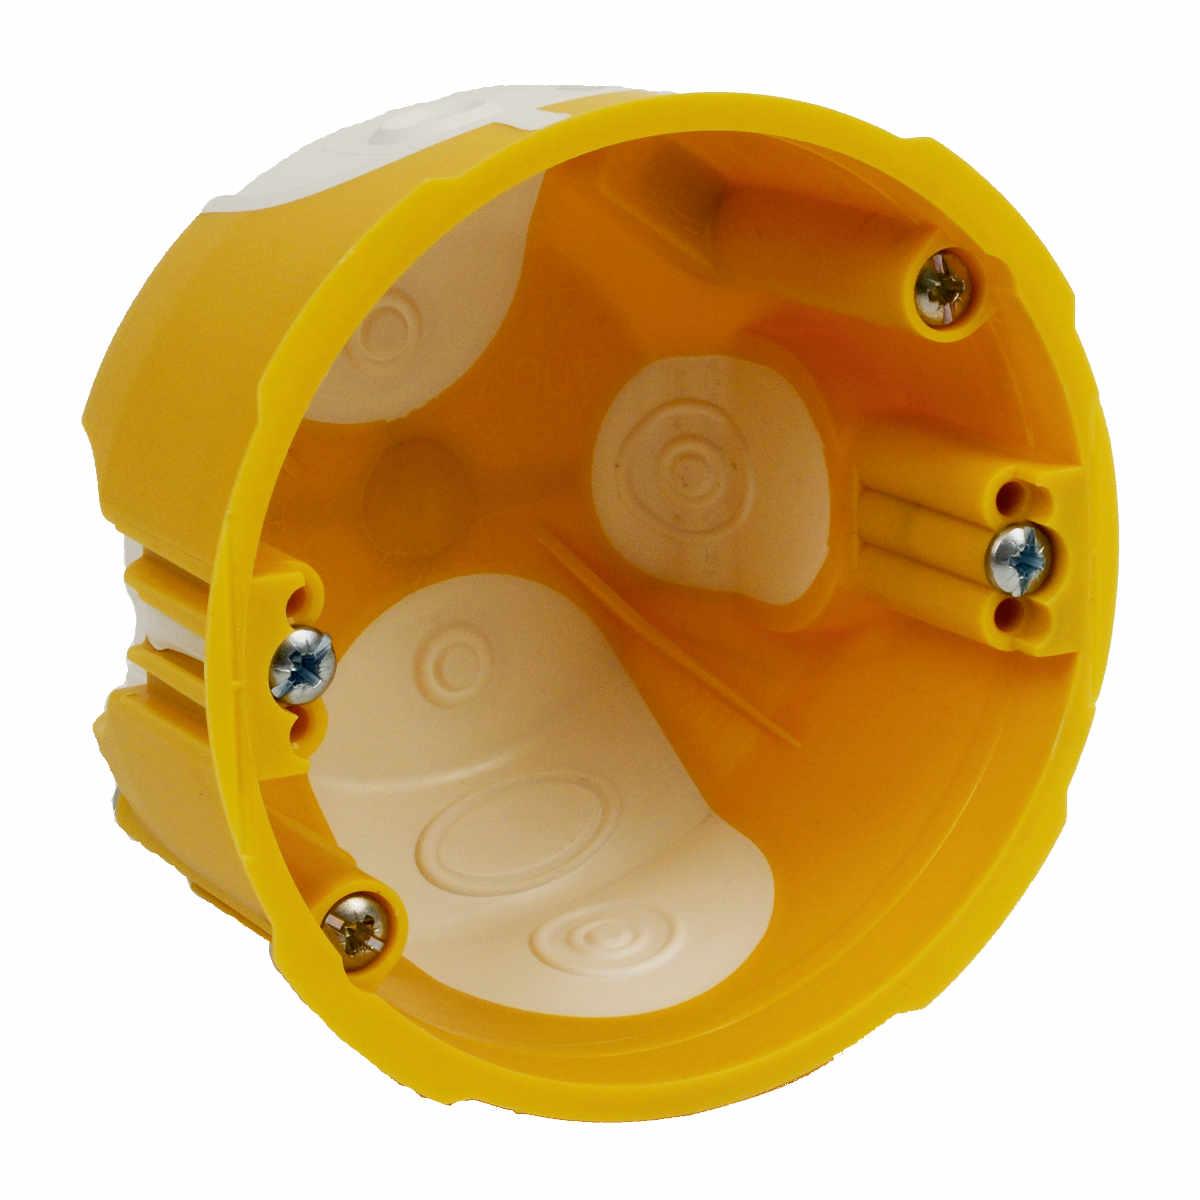 Коробка KUL 68-45/LD установочная ГСК 1 пост D=73мм H=45мм с мембранами